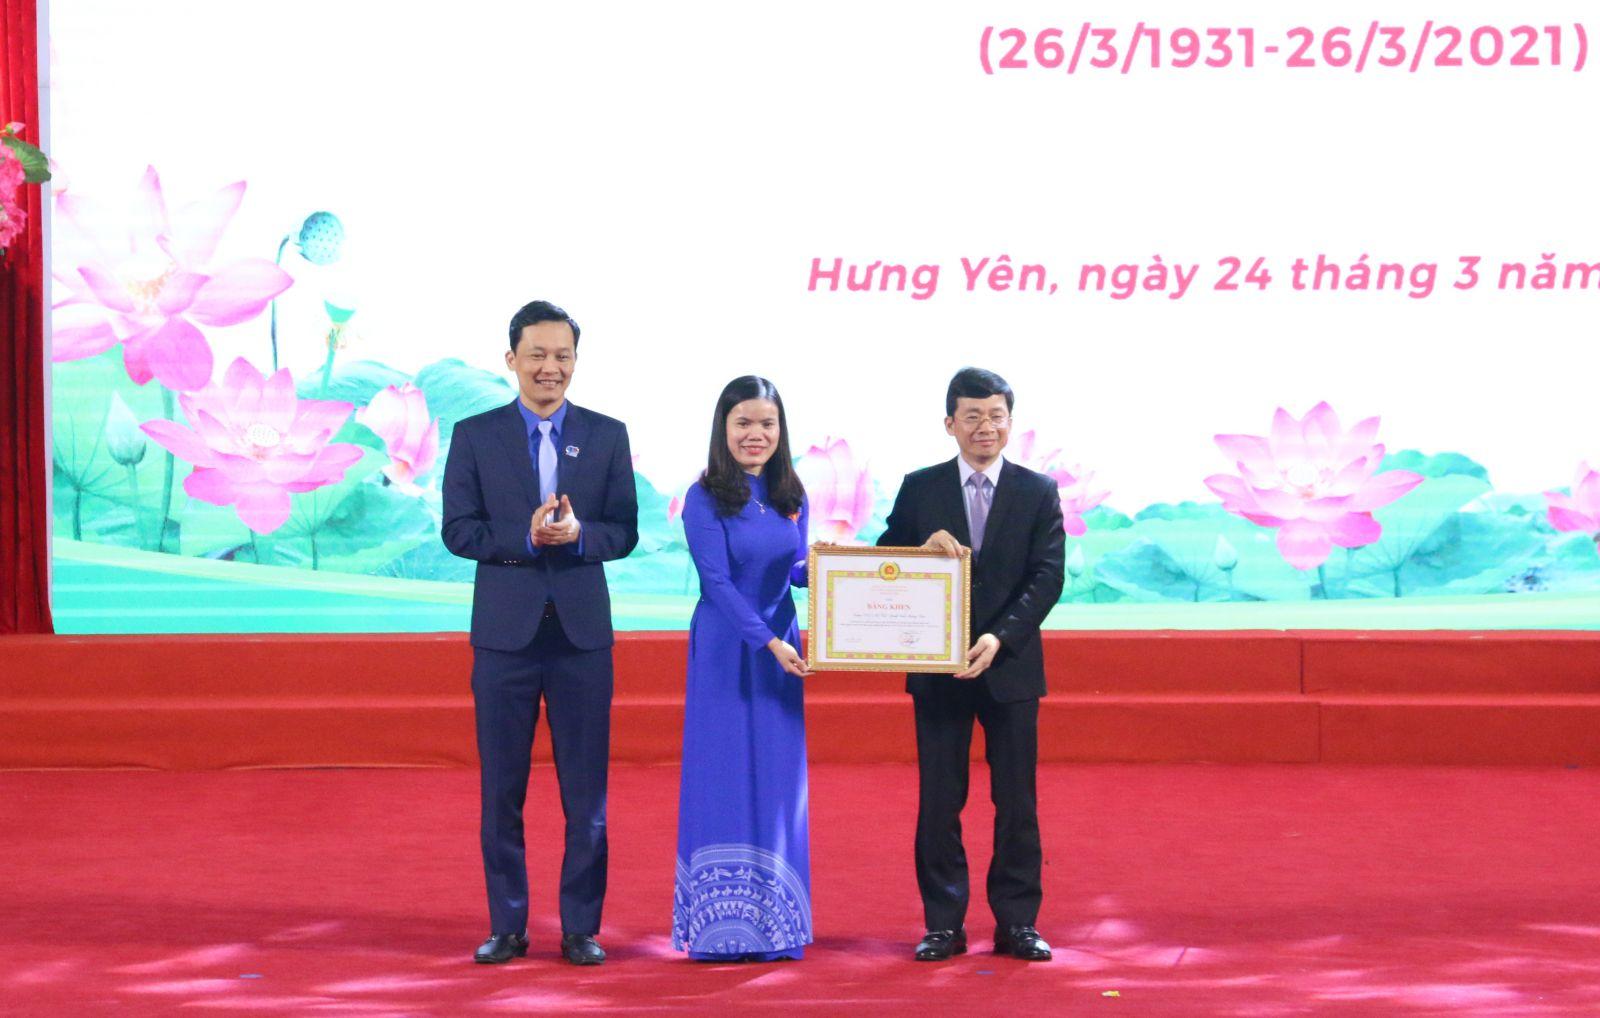 Lễ kỷ niệm 90 năm Ngày thành lập Đoàn TNCS Hồ Chí Minh (26.3.1931 – 26.3.2021)